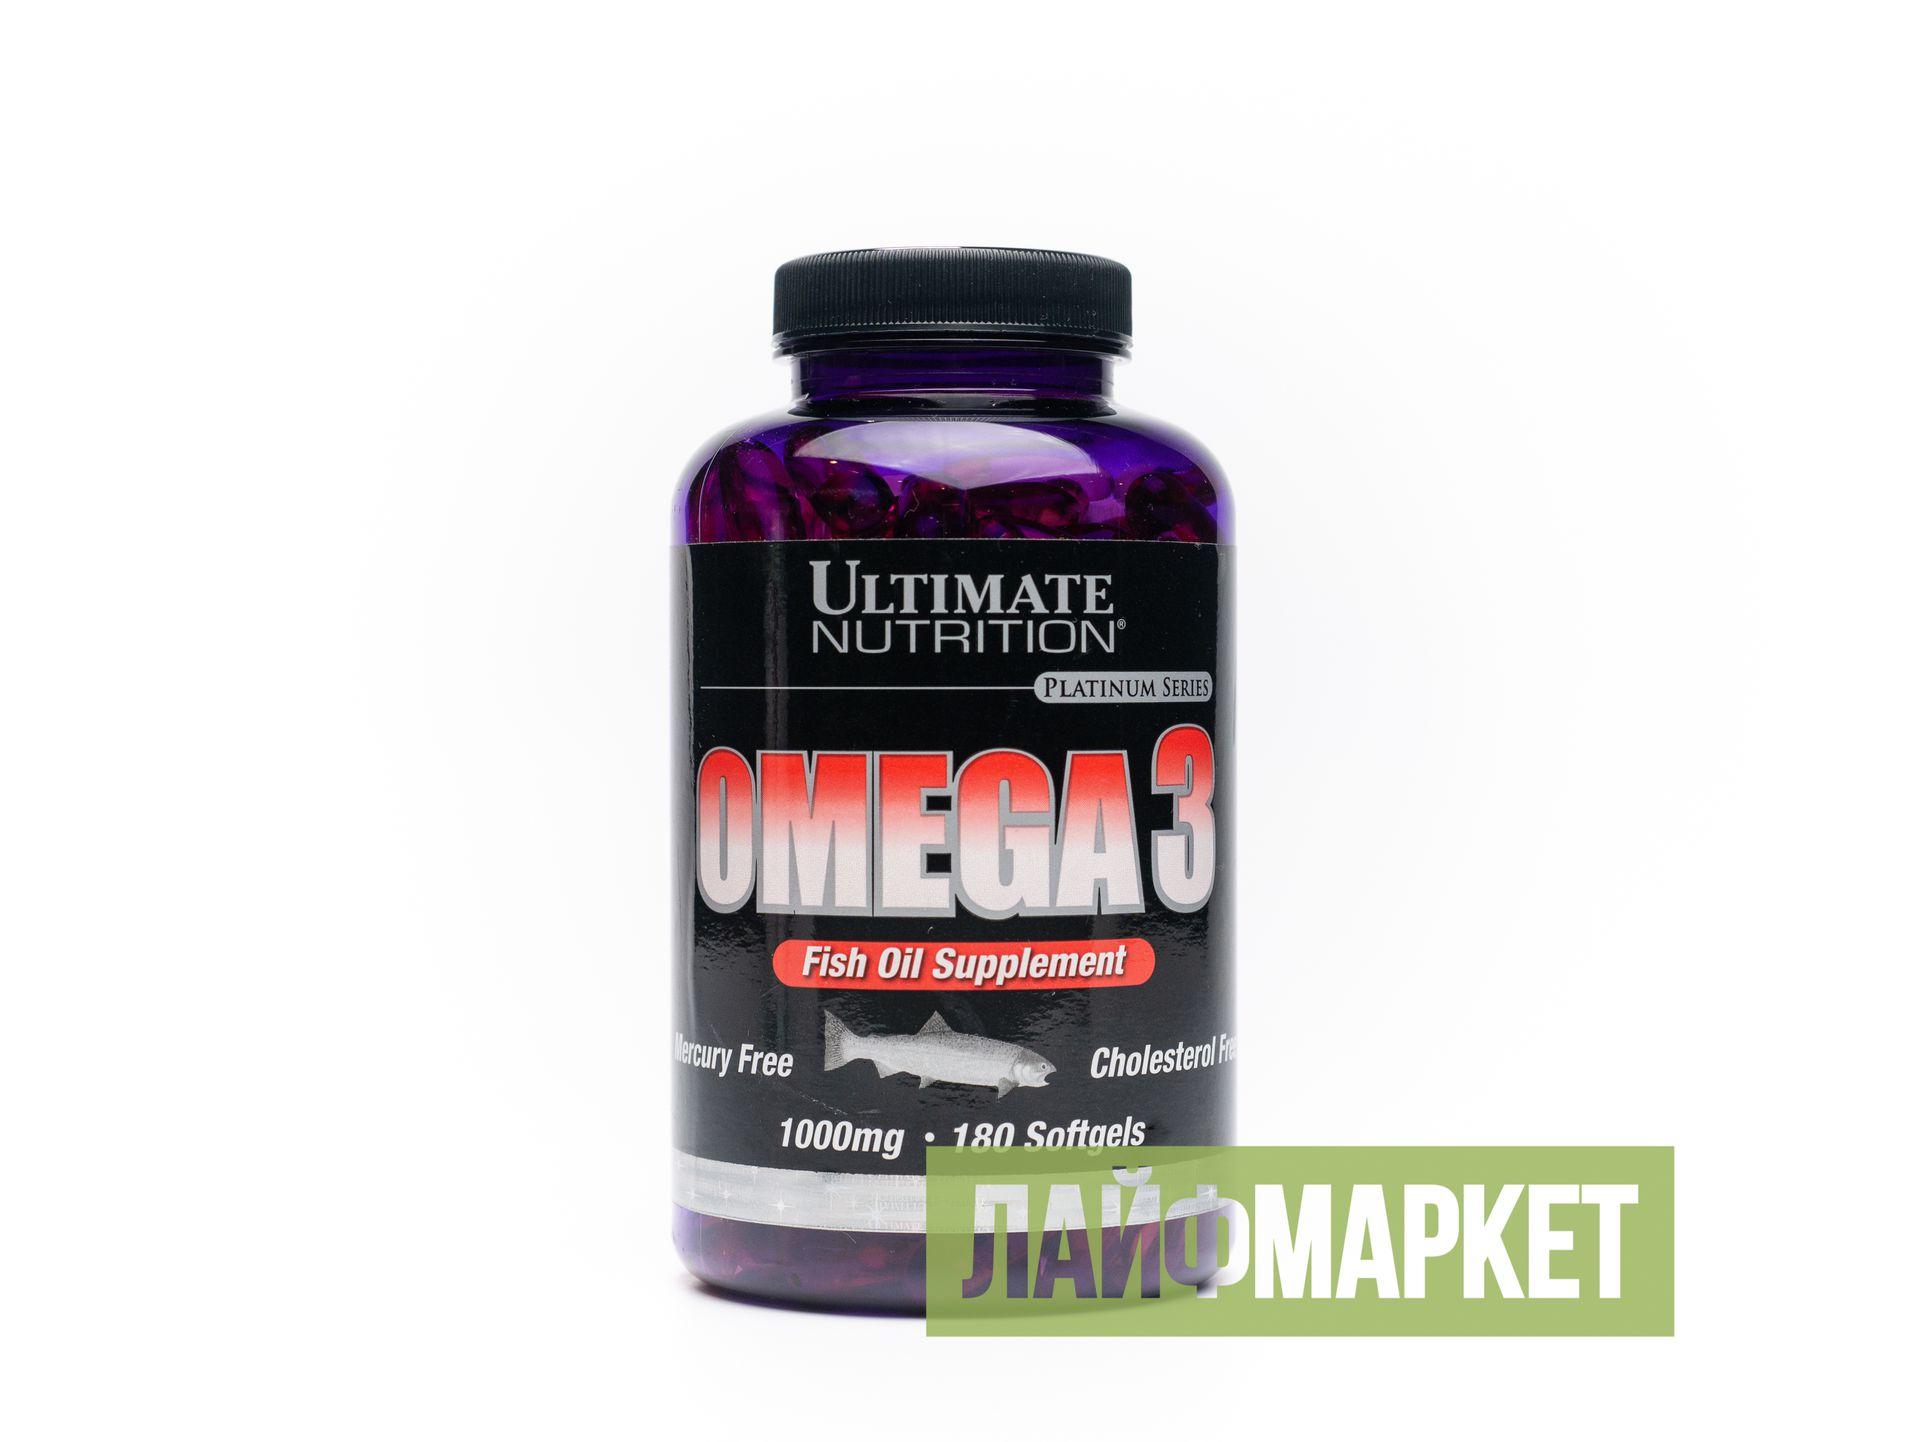 Omega 3 от ultimate nutrition: как принимать, состав и отзывы